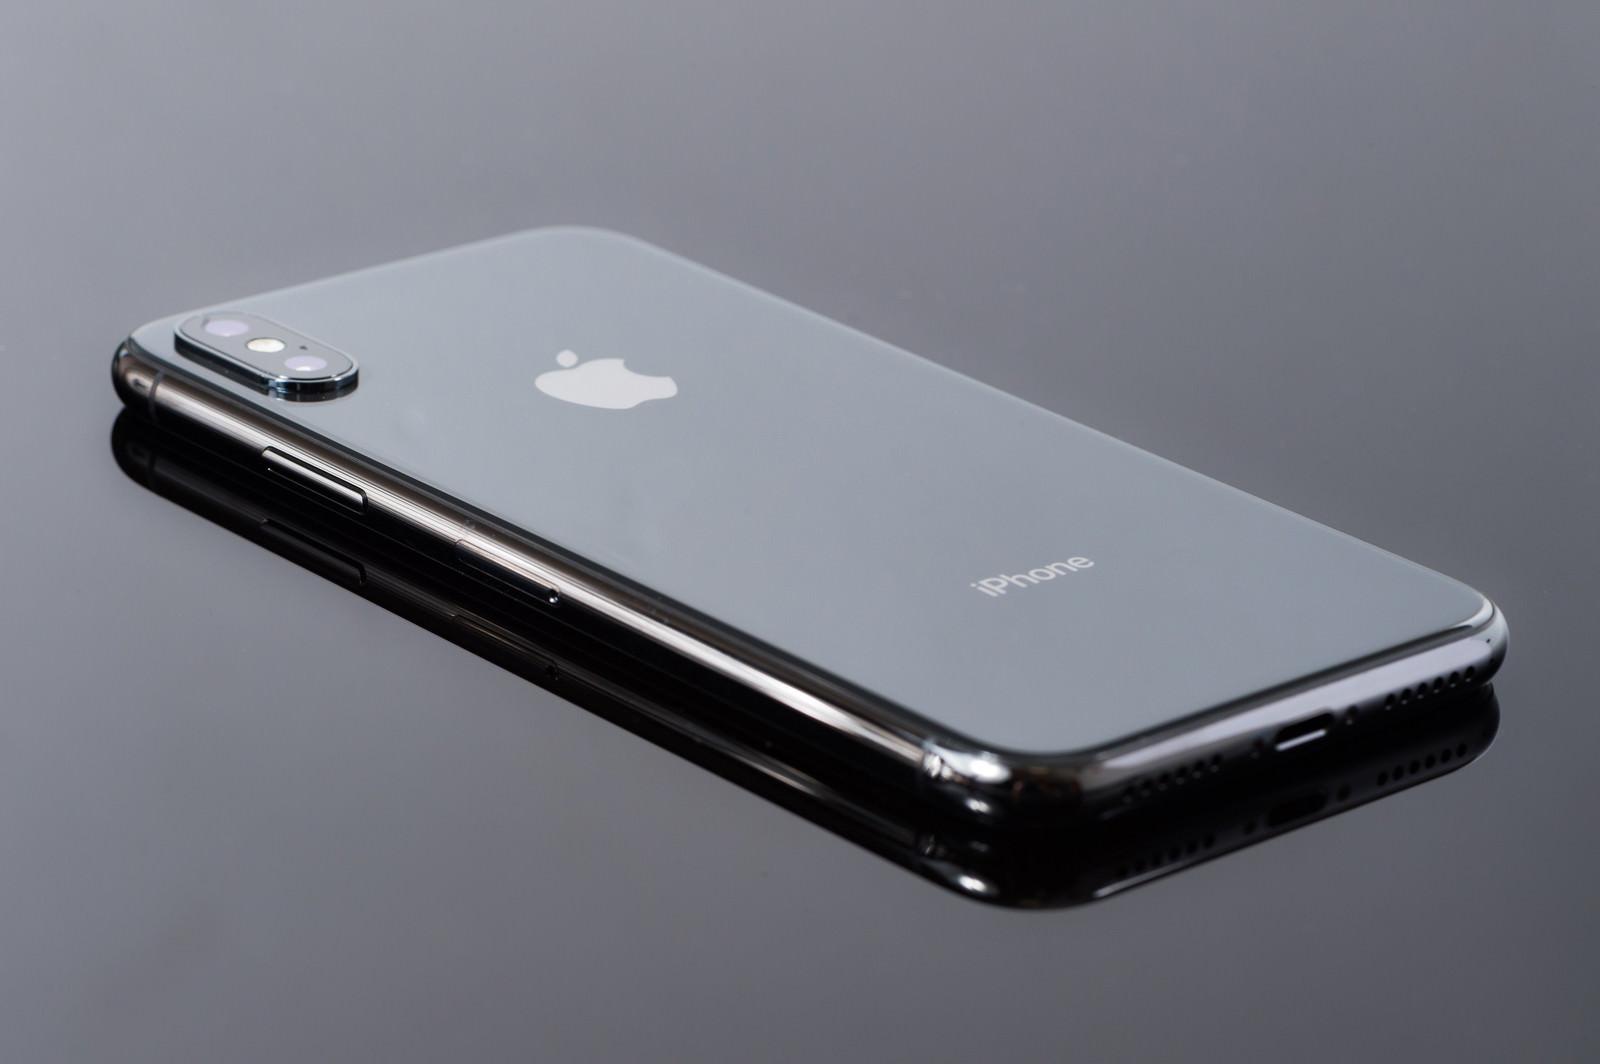 「iPhone X 背面ガラスの光沢」の写真